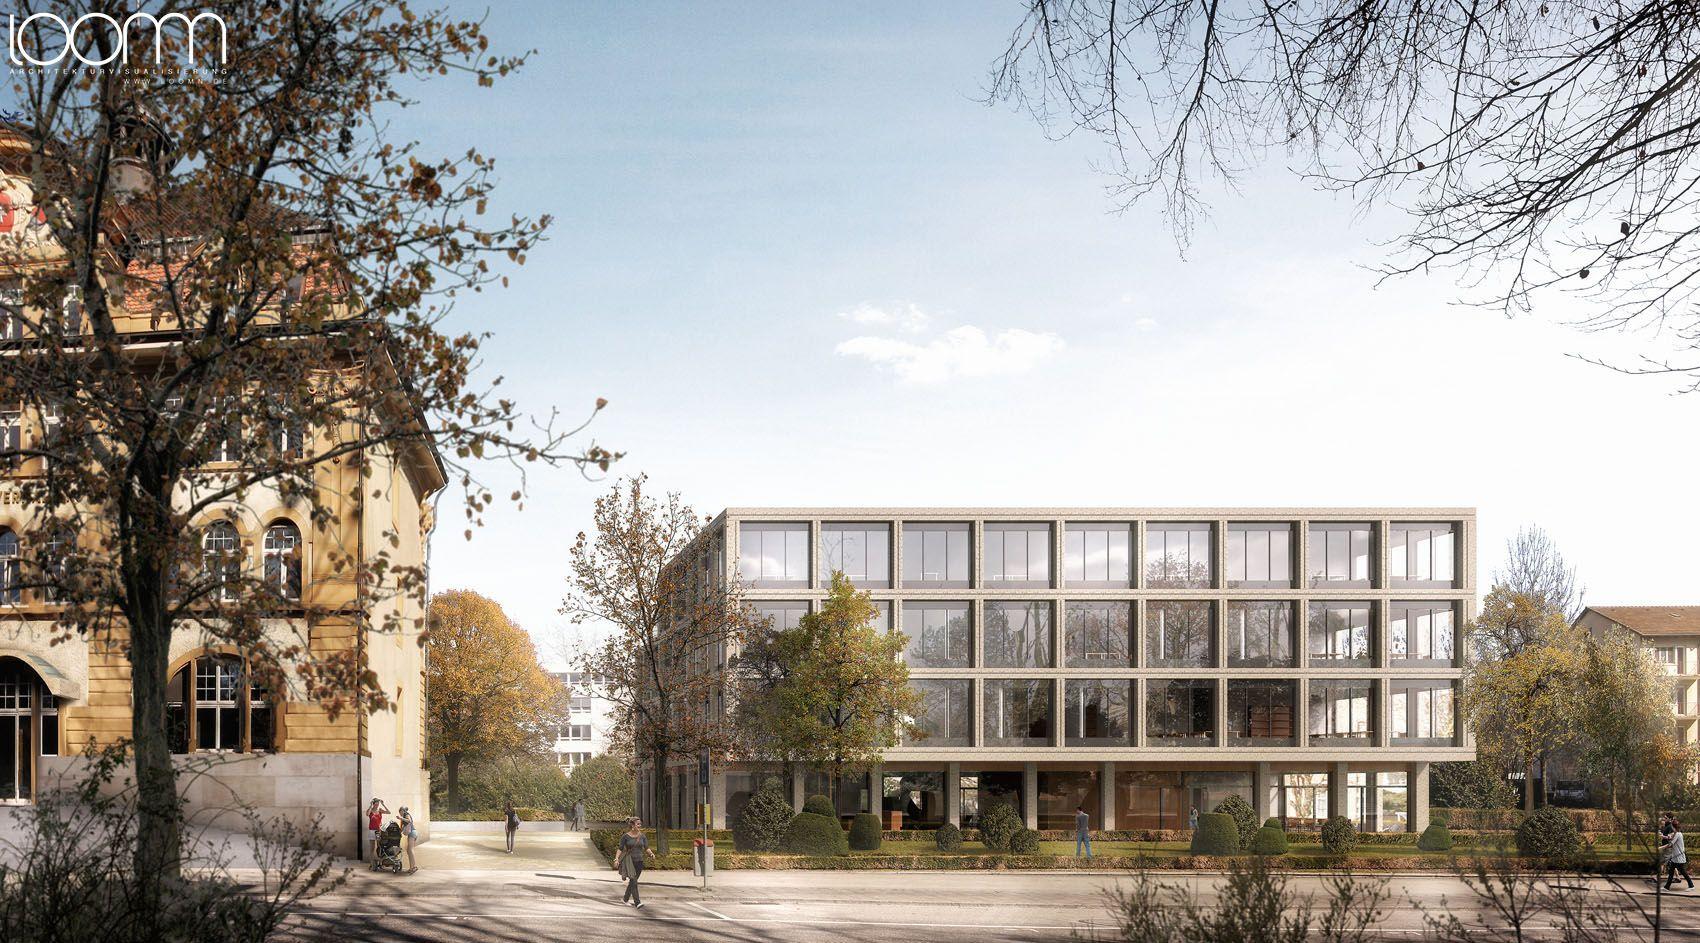 Architekturvisualisierung Preise erster preis für zimmer schmidt architekten mit dem entwurf eines